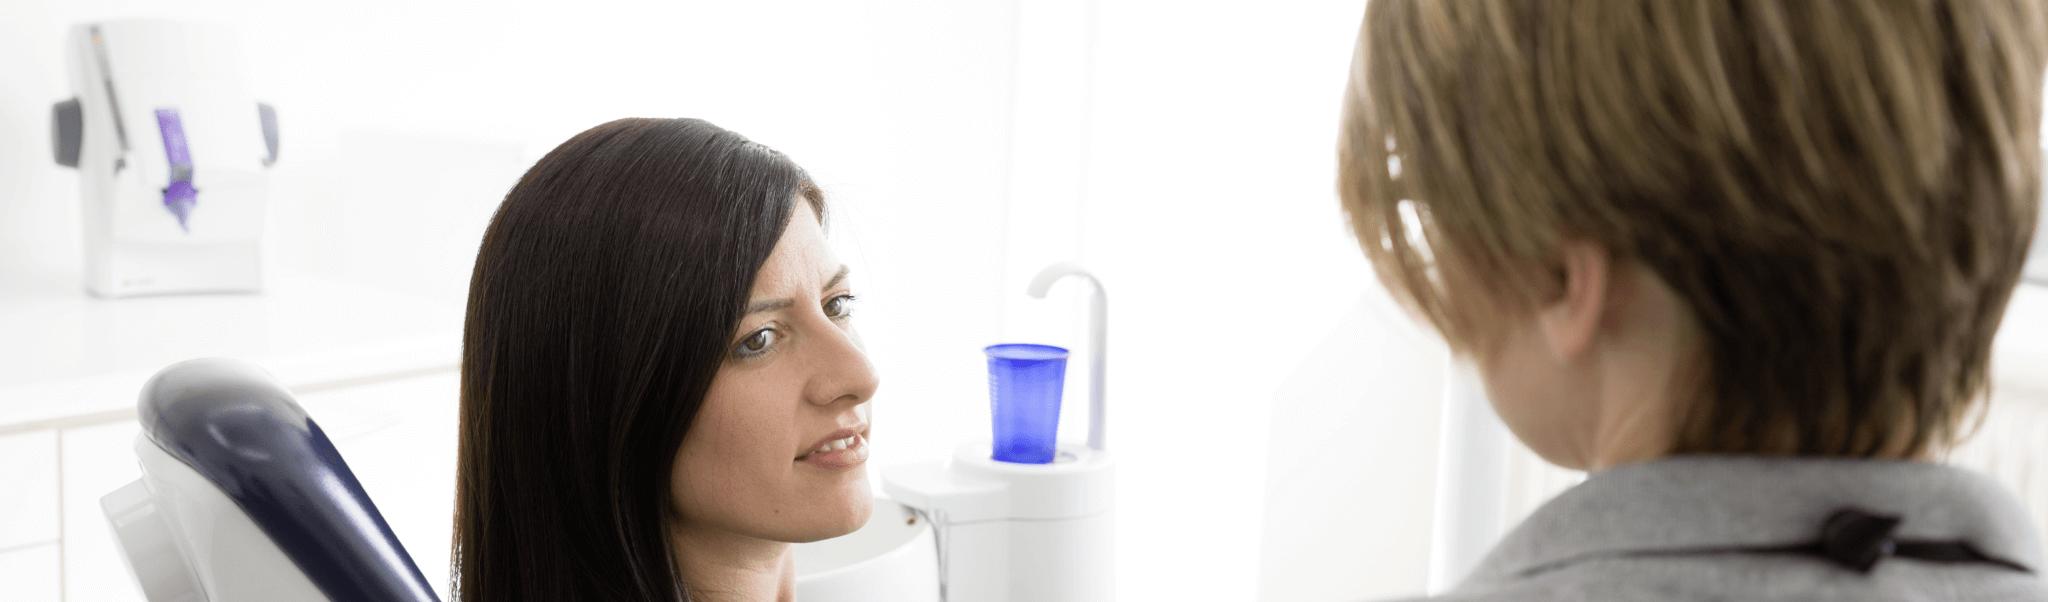 Wurzelbehandlung - Zahnärztin Dr. Zimmermann im Gespräch mit einer Patientin